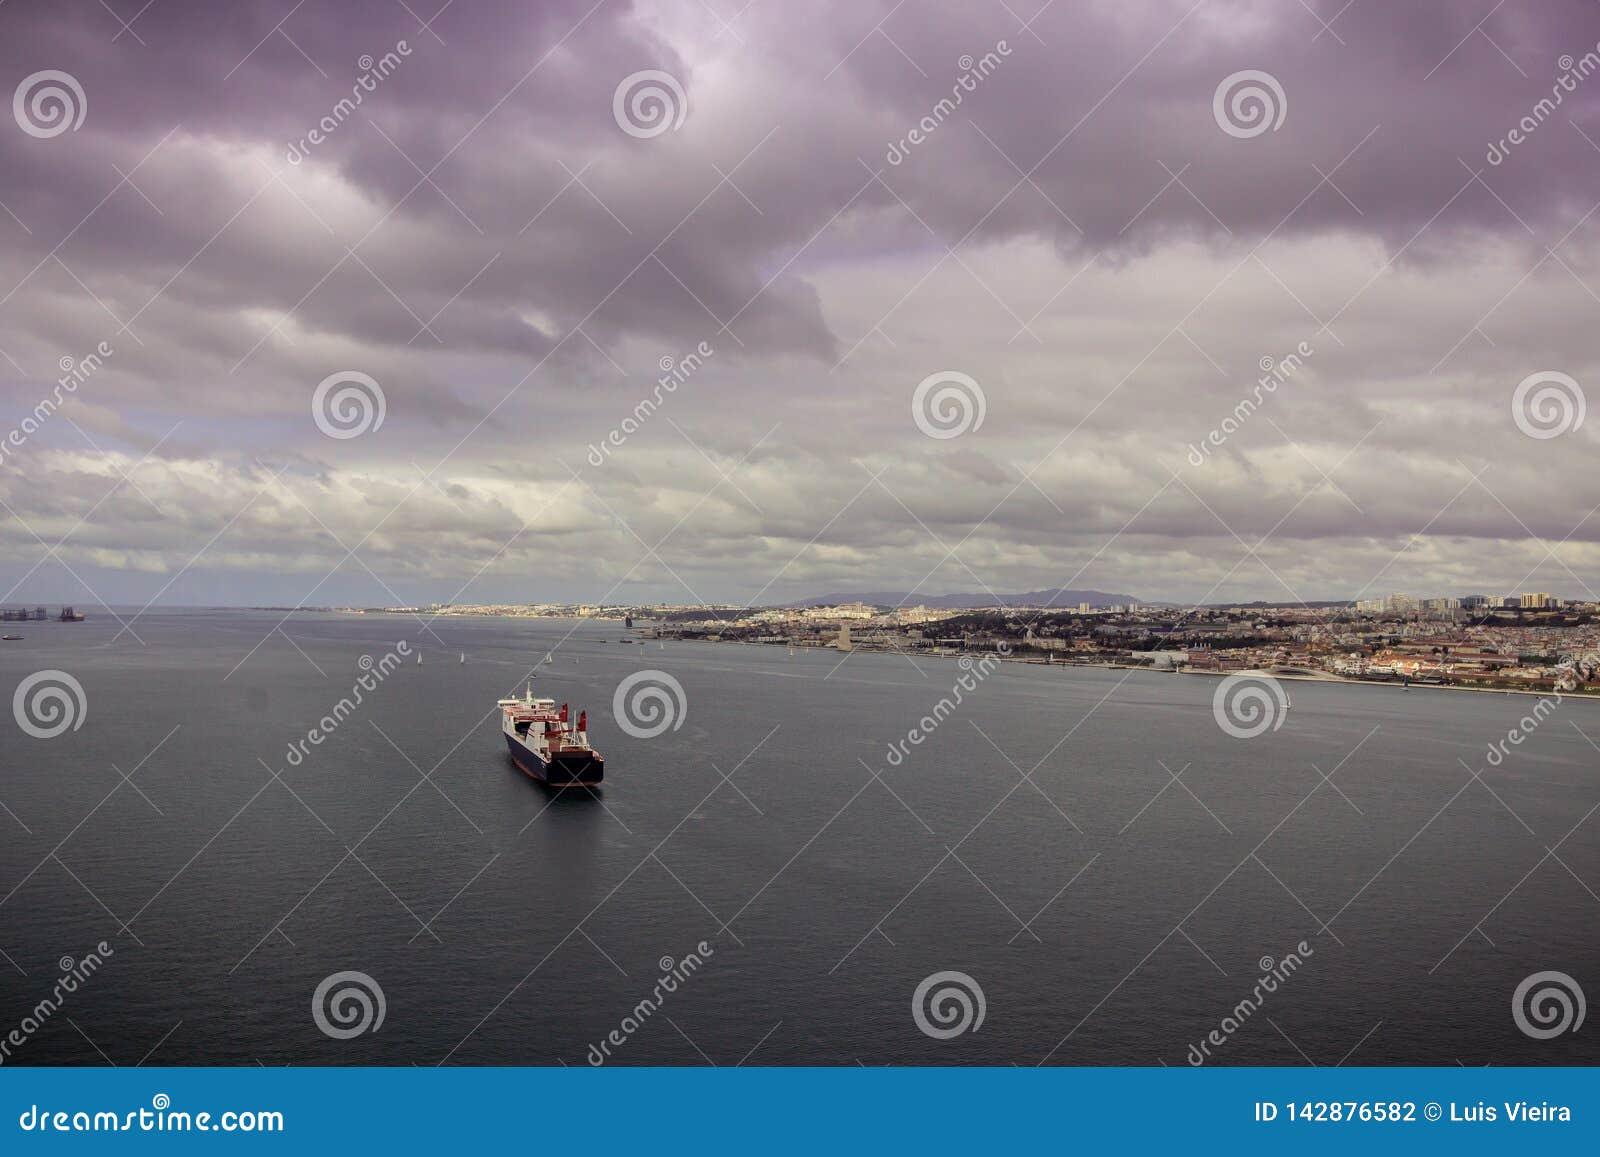 Een nautic schip in de Tagus-rivier